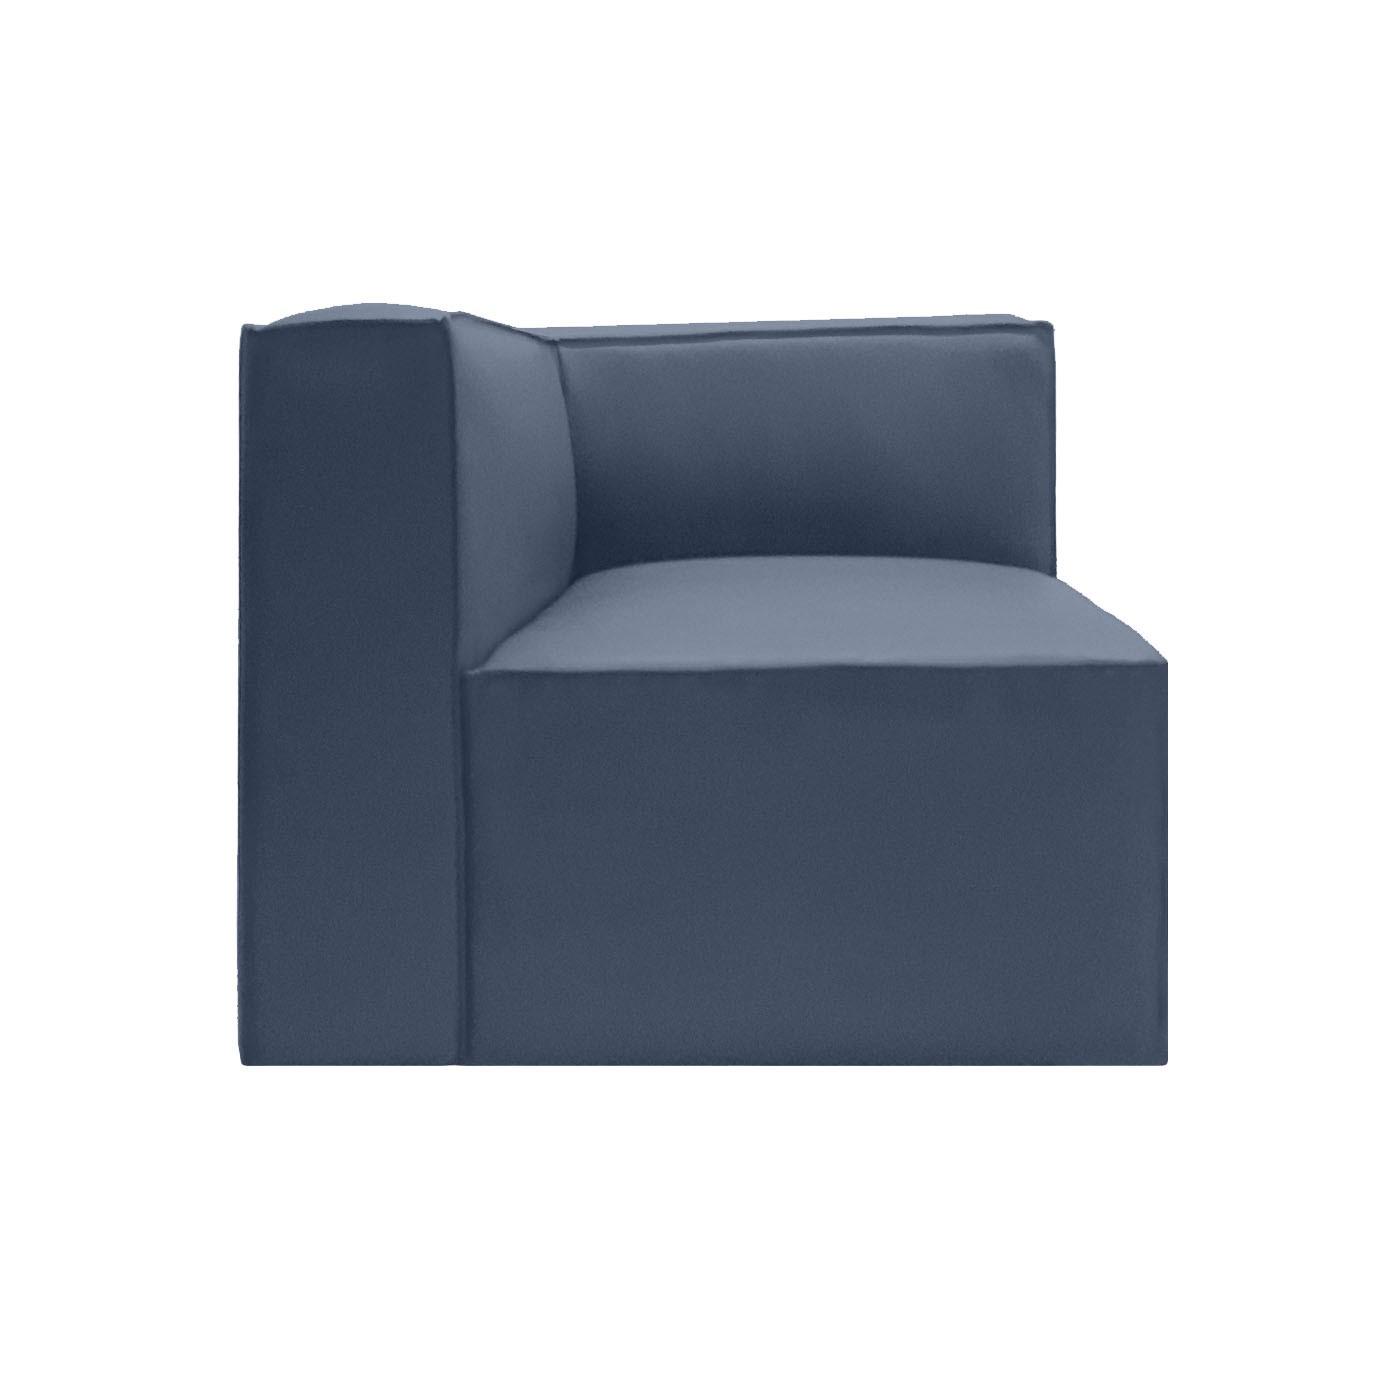 Malmo Blue Right Hand Corner Seater